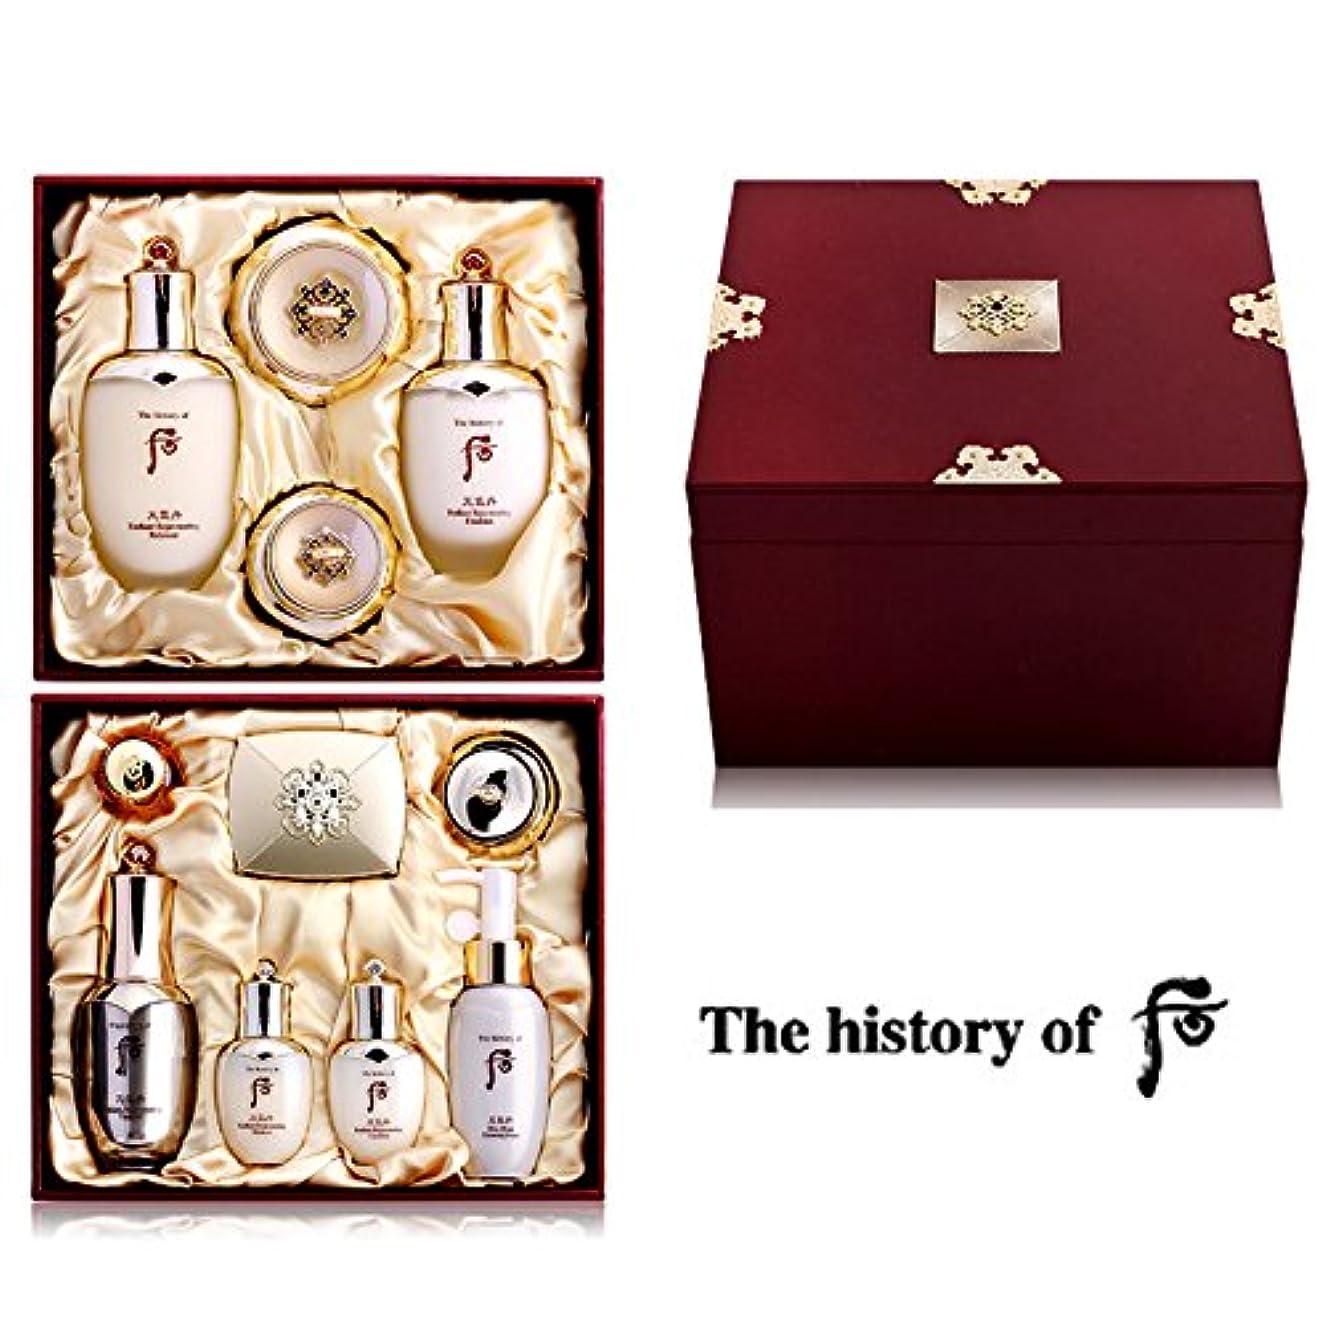 キリン受ける外向き【フー/The history of whoo] 天気丹 王侯(チョンギダン ワンフ) セット/Chonghi Dan Queen Special Set+[Sample Gift](海外直送品)